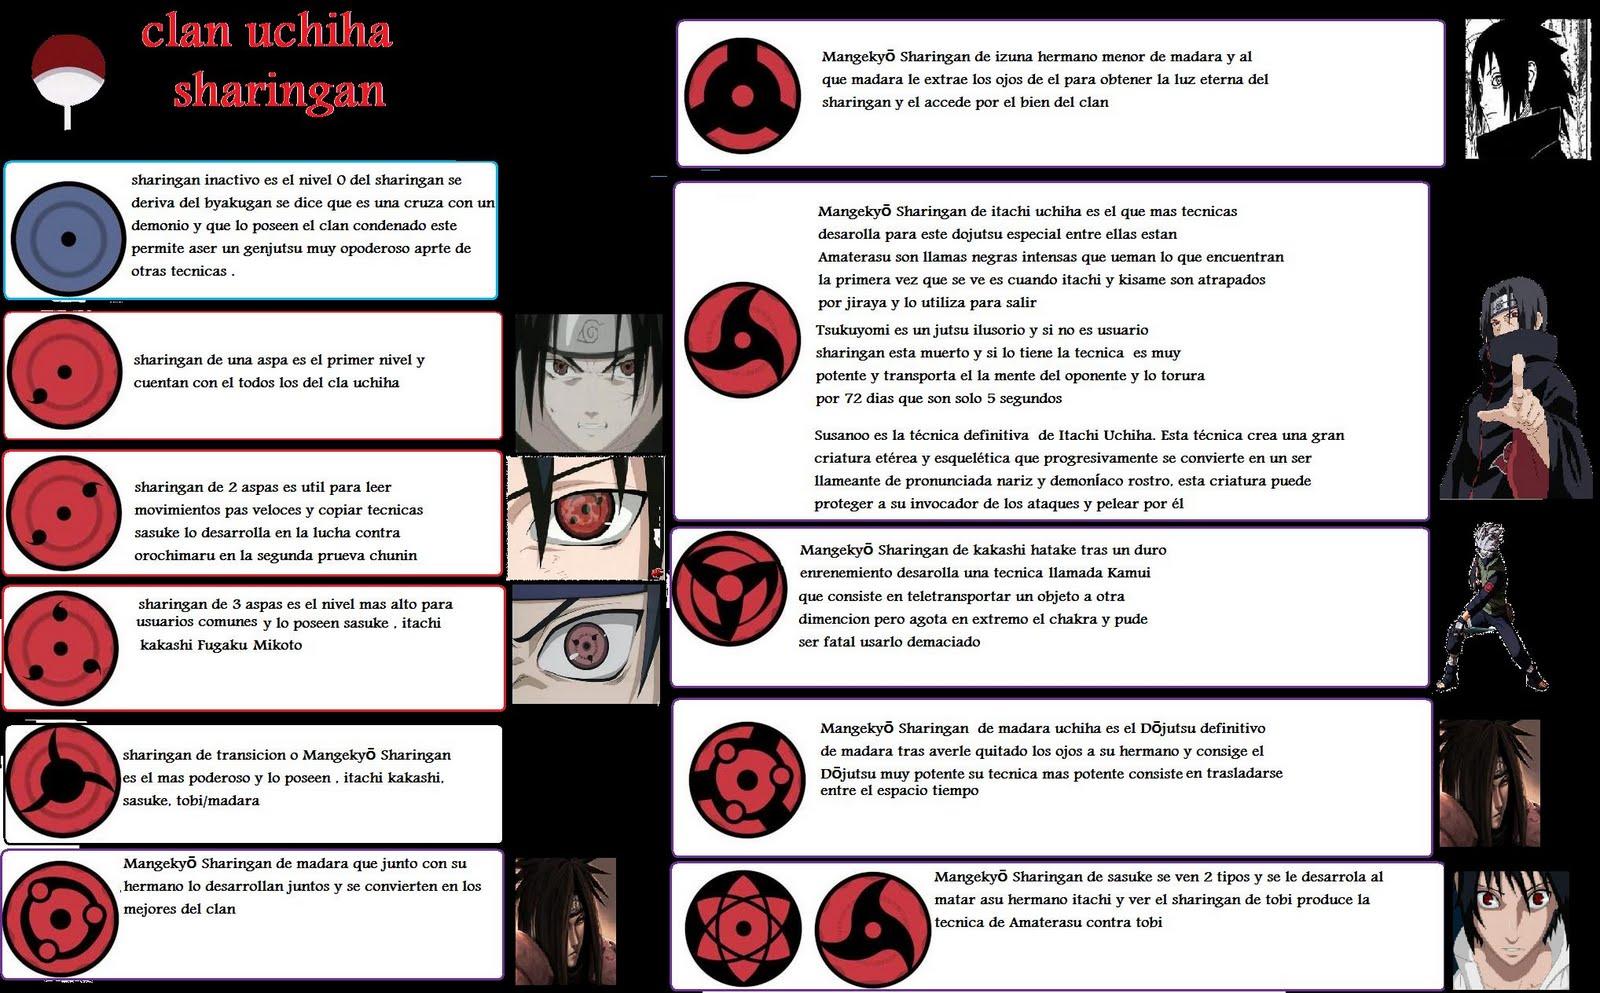 http://3.bp.blogspot.com/-r0mG7-gP02s/TV04IYKCfvI/AAAAAAAAADE/9sMBcLiw7ak/s1600/Sharingan1.jpg